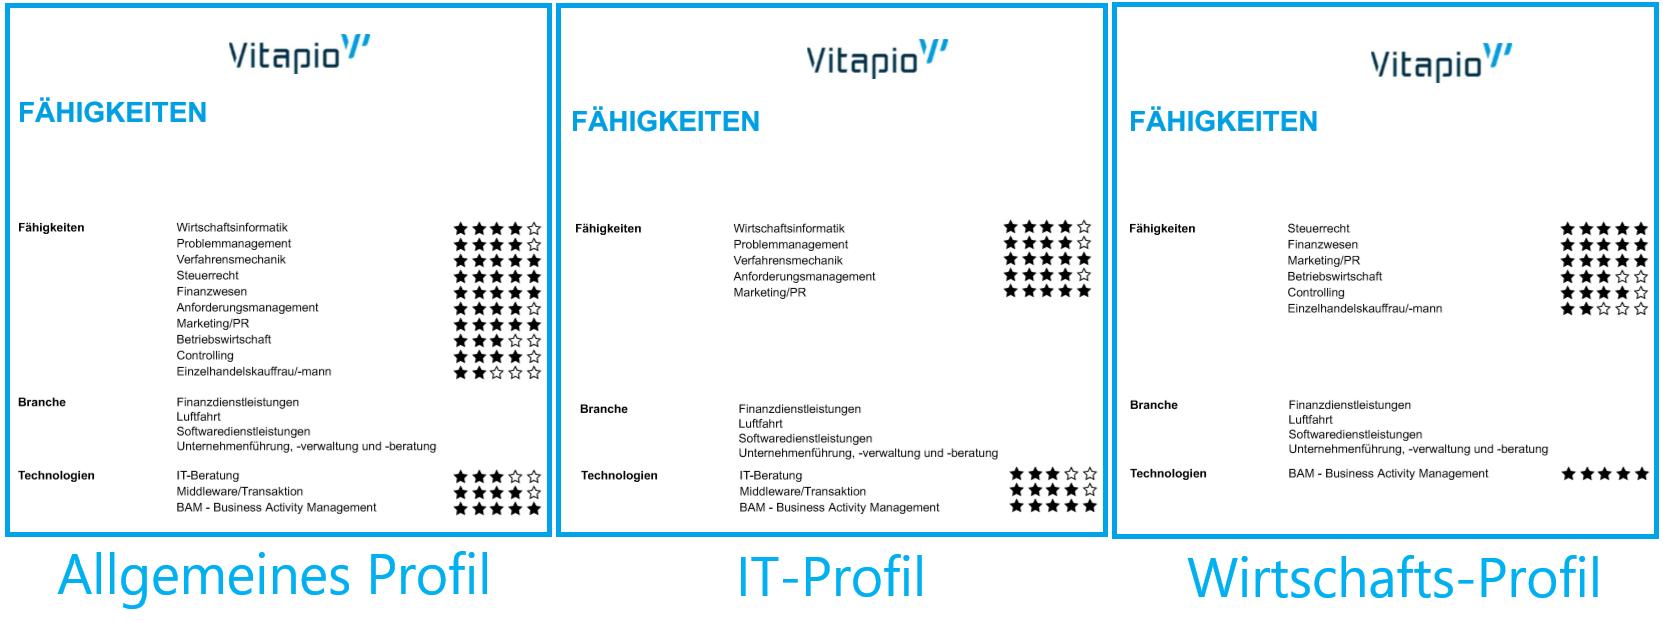 Vitapio bietet genug Möglichkeiten, um verschiedene Profilversionen zu erstellen